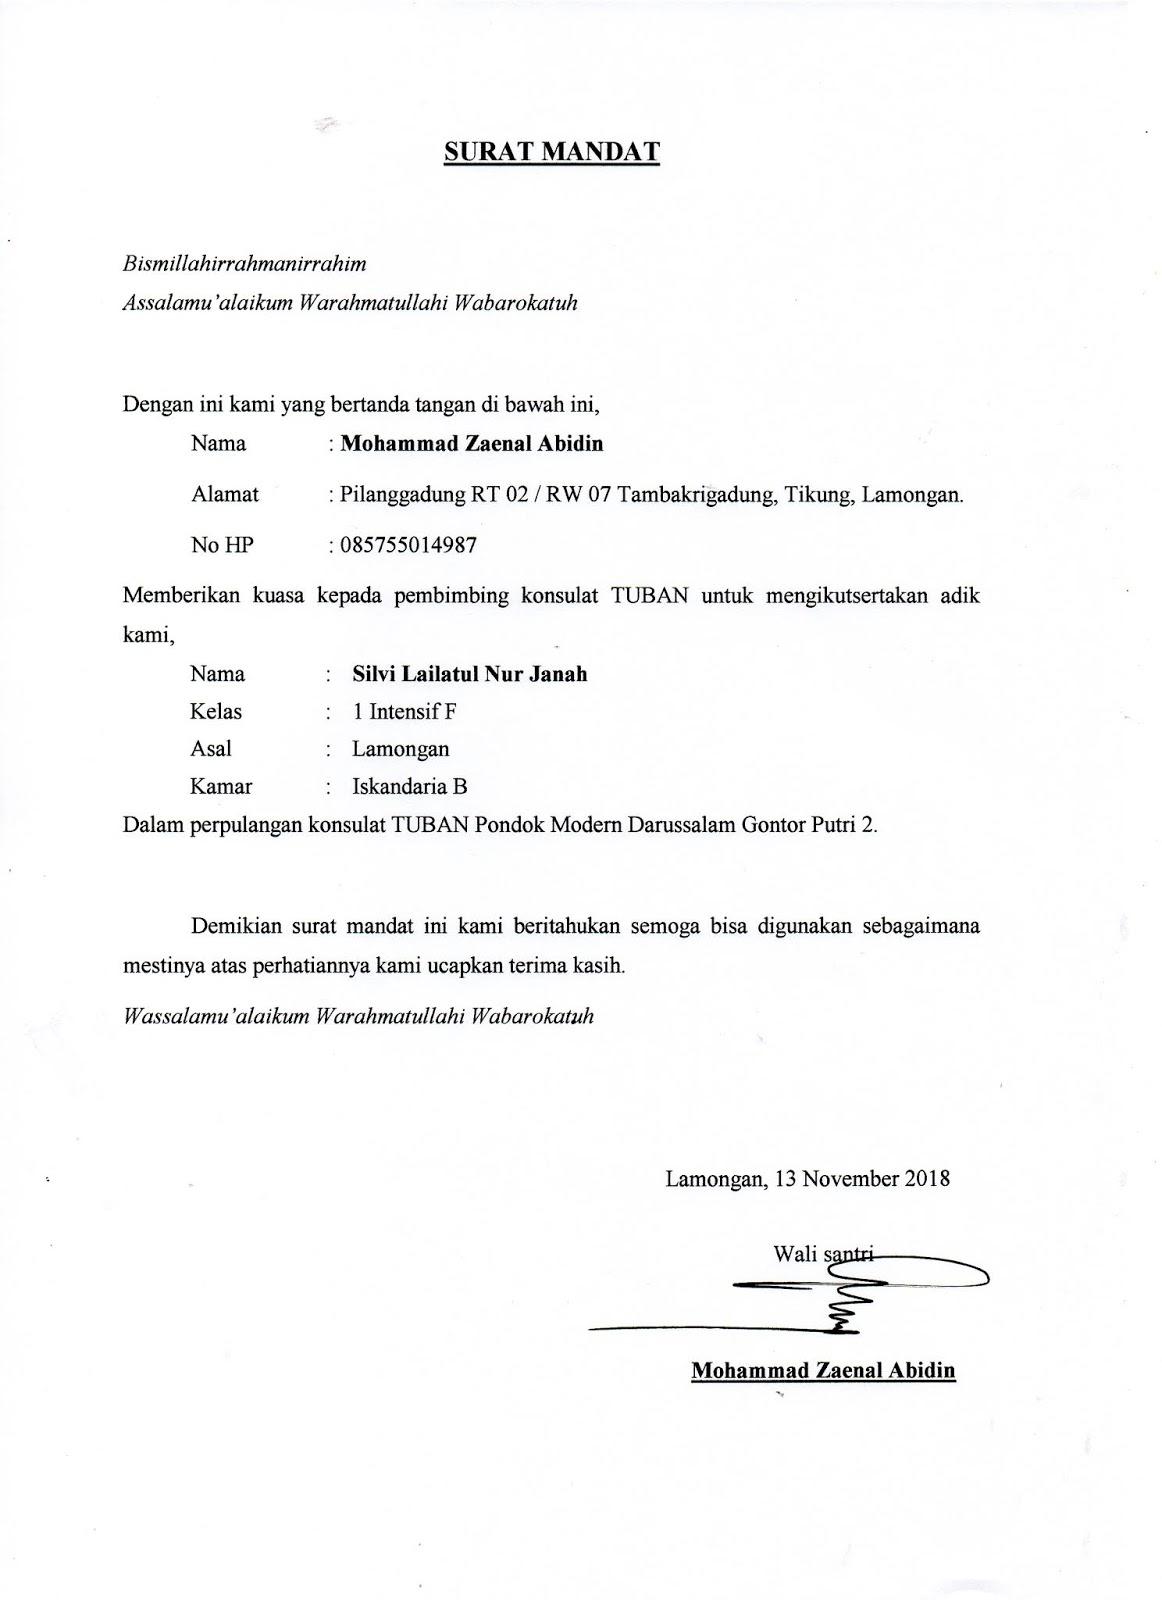 Contoh Surat Mandat Informasi Seputar Dunia Militer Dan